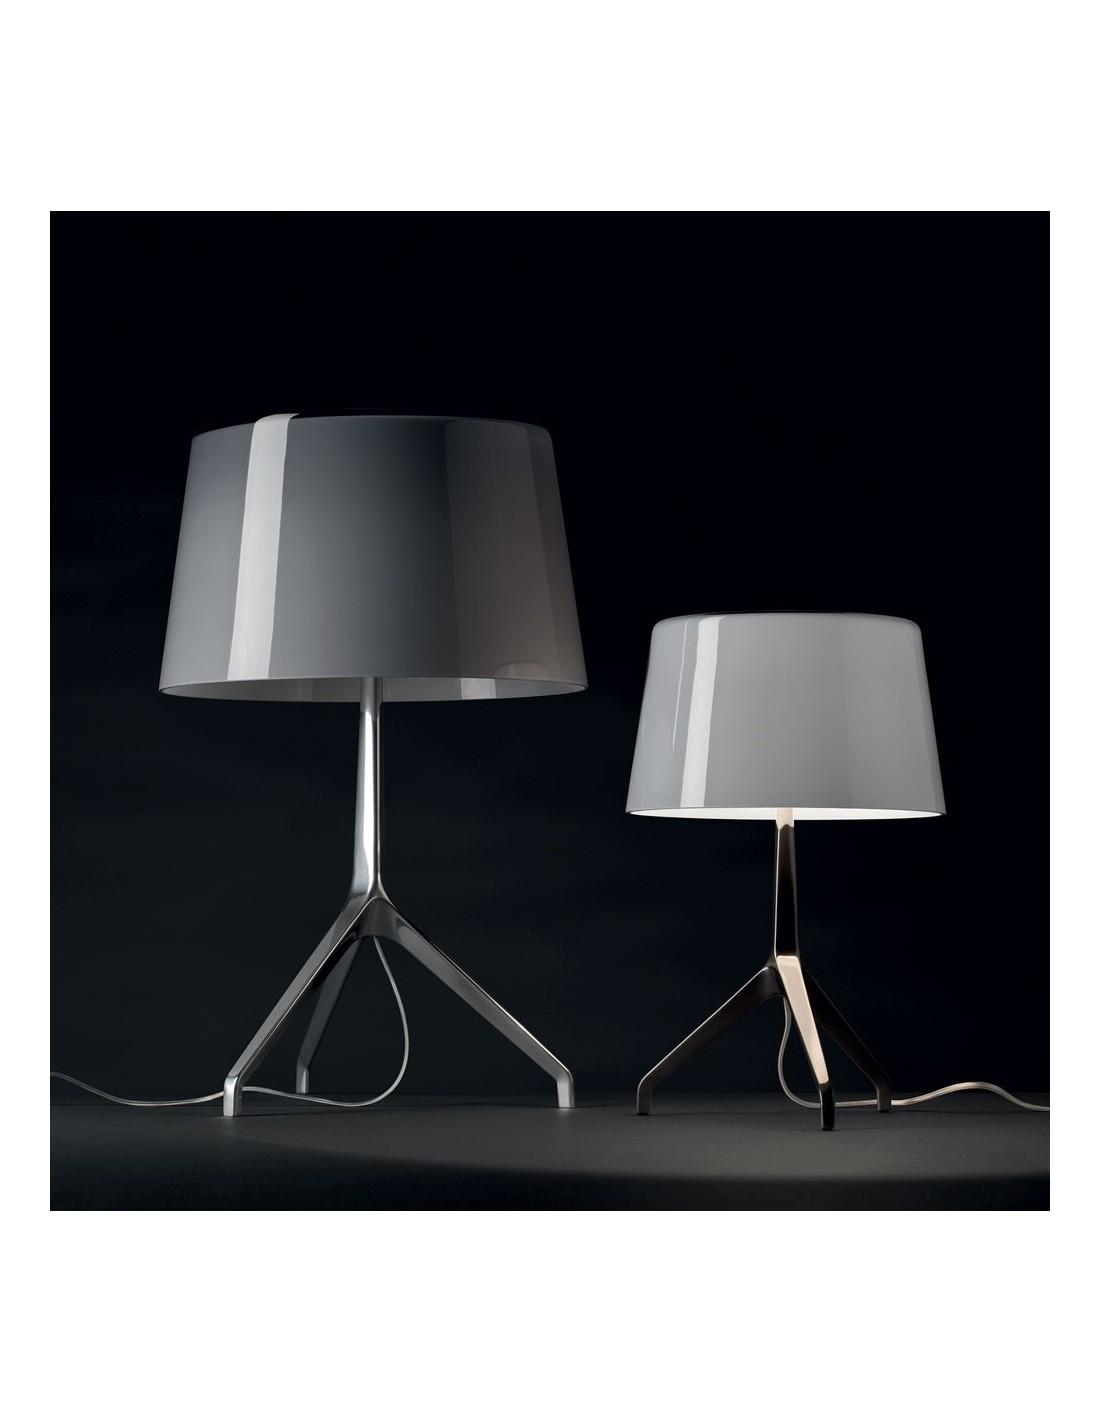 lampe de table lumi re xxl chrome noir mise en sc ne. Black Bedroom Furniture Sets. Home Design Ideas